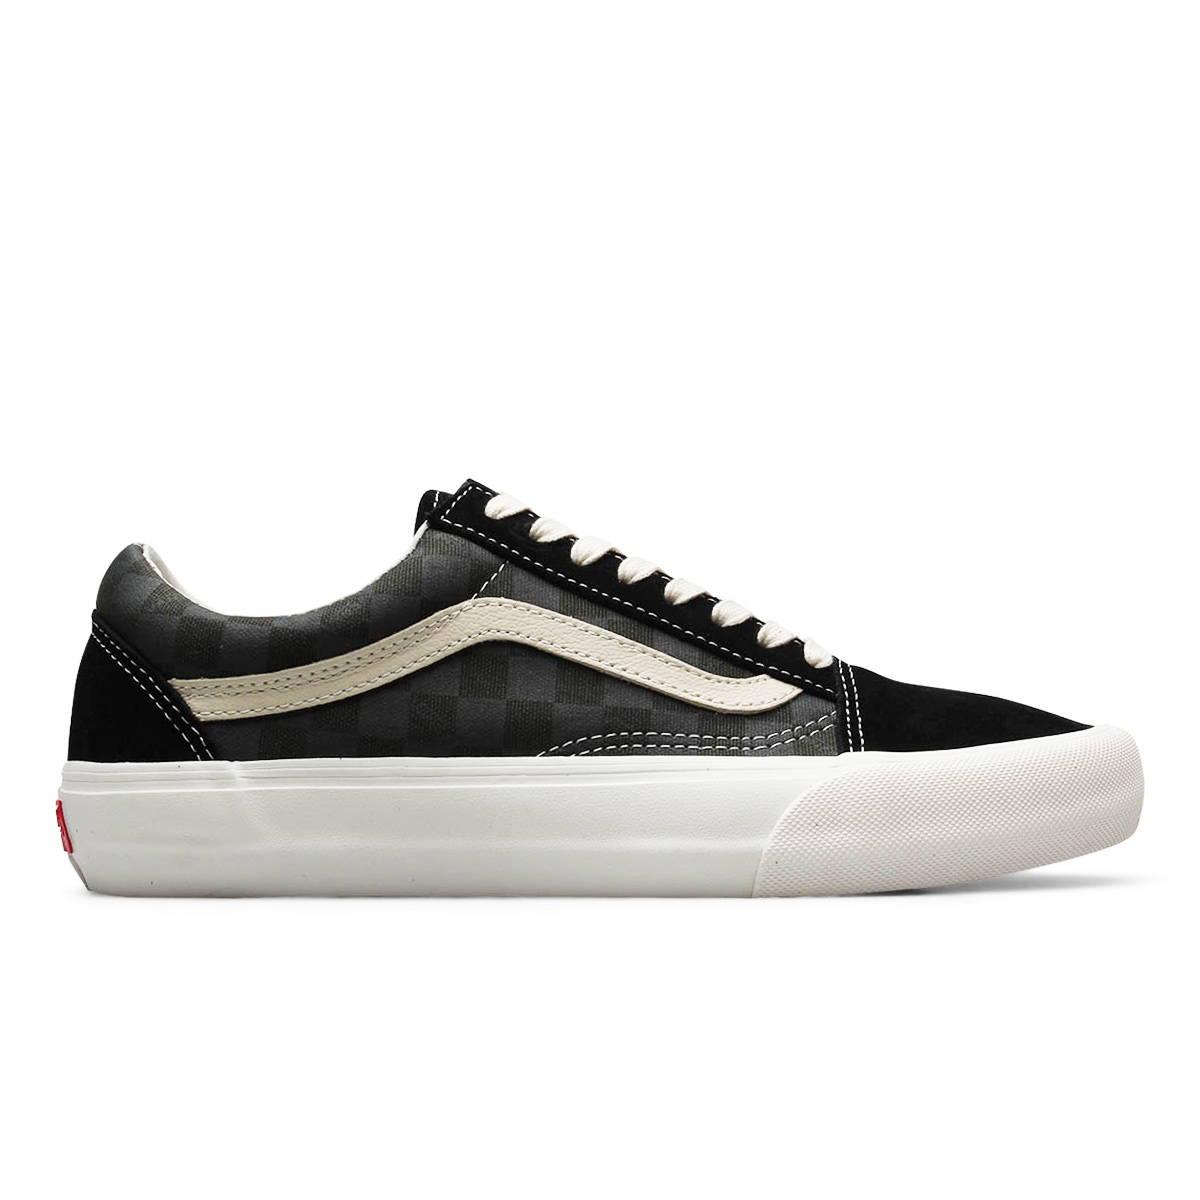 111519: Vans Old Skool VLT LX (VSSL Skate Kit) – Bodega